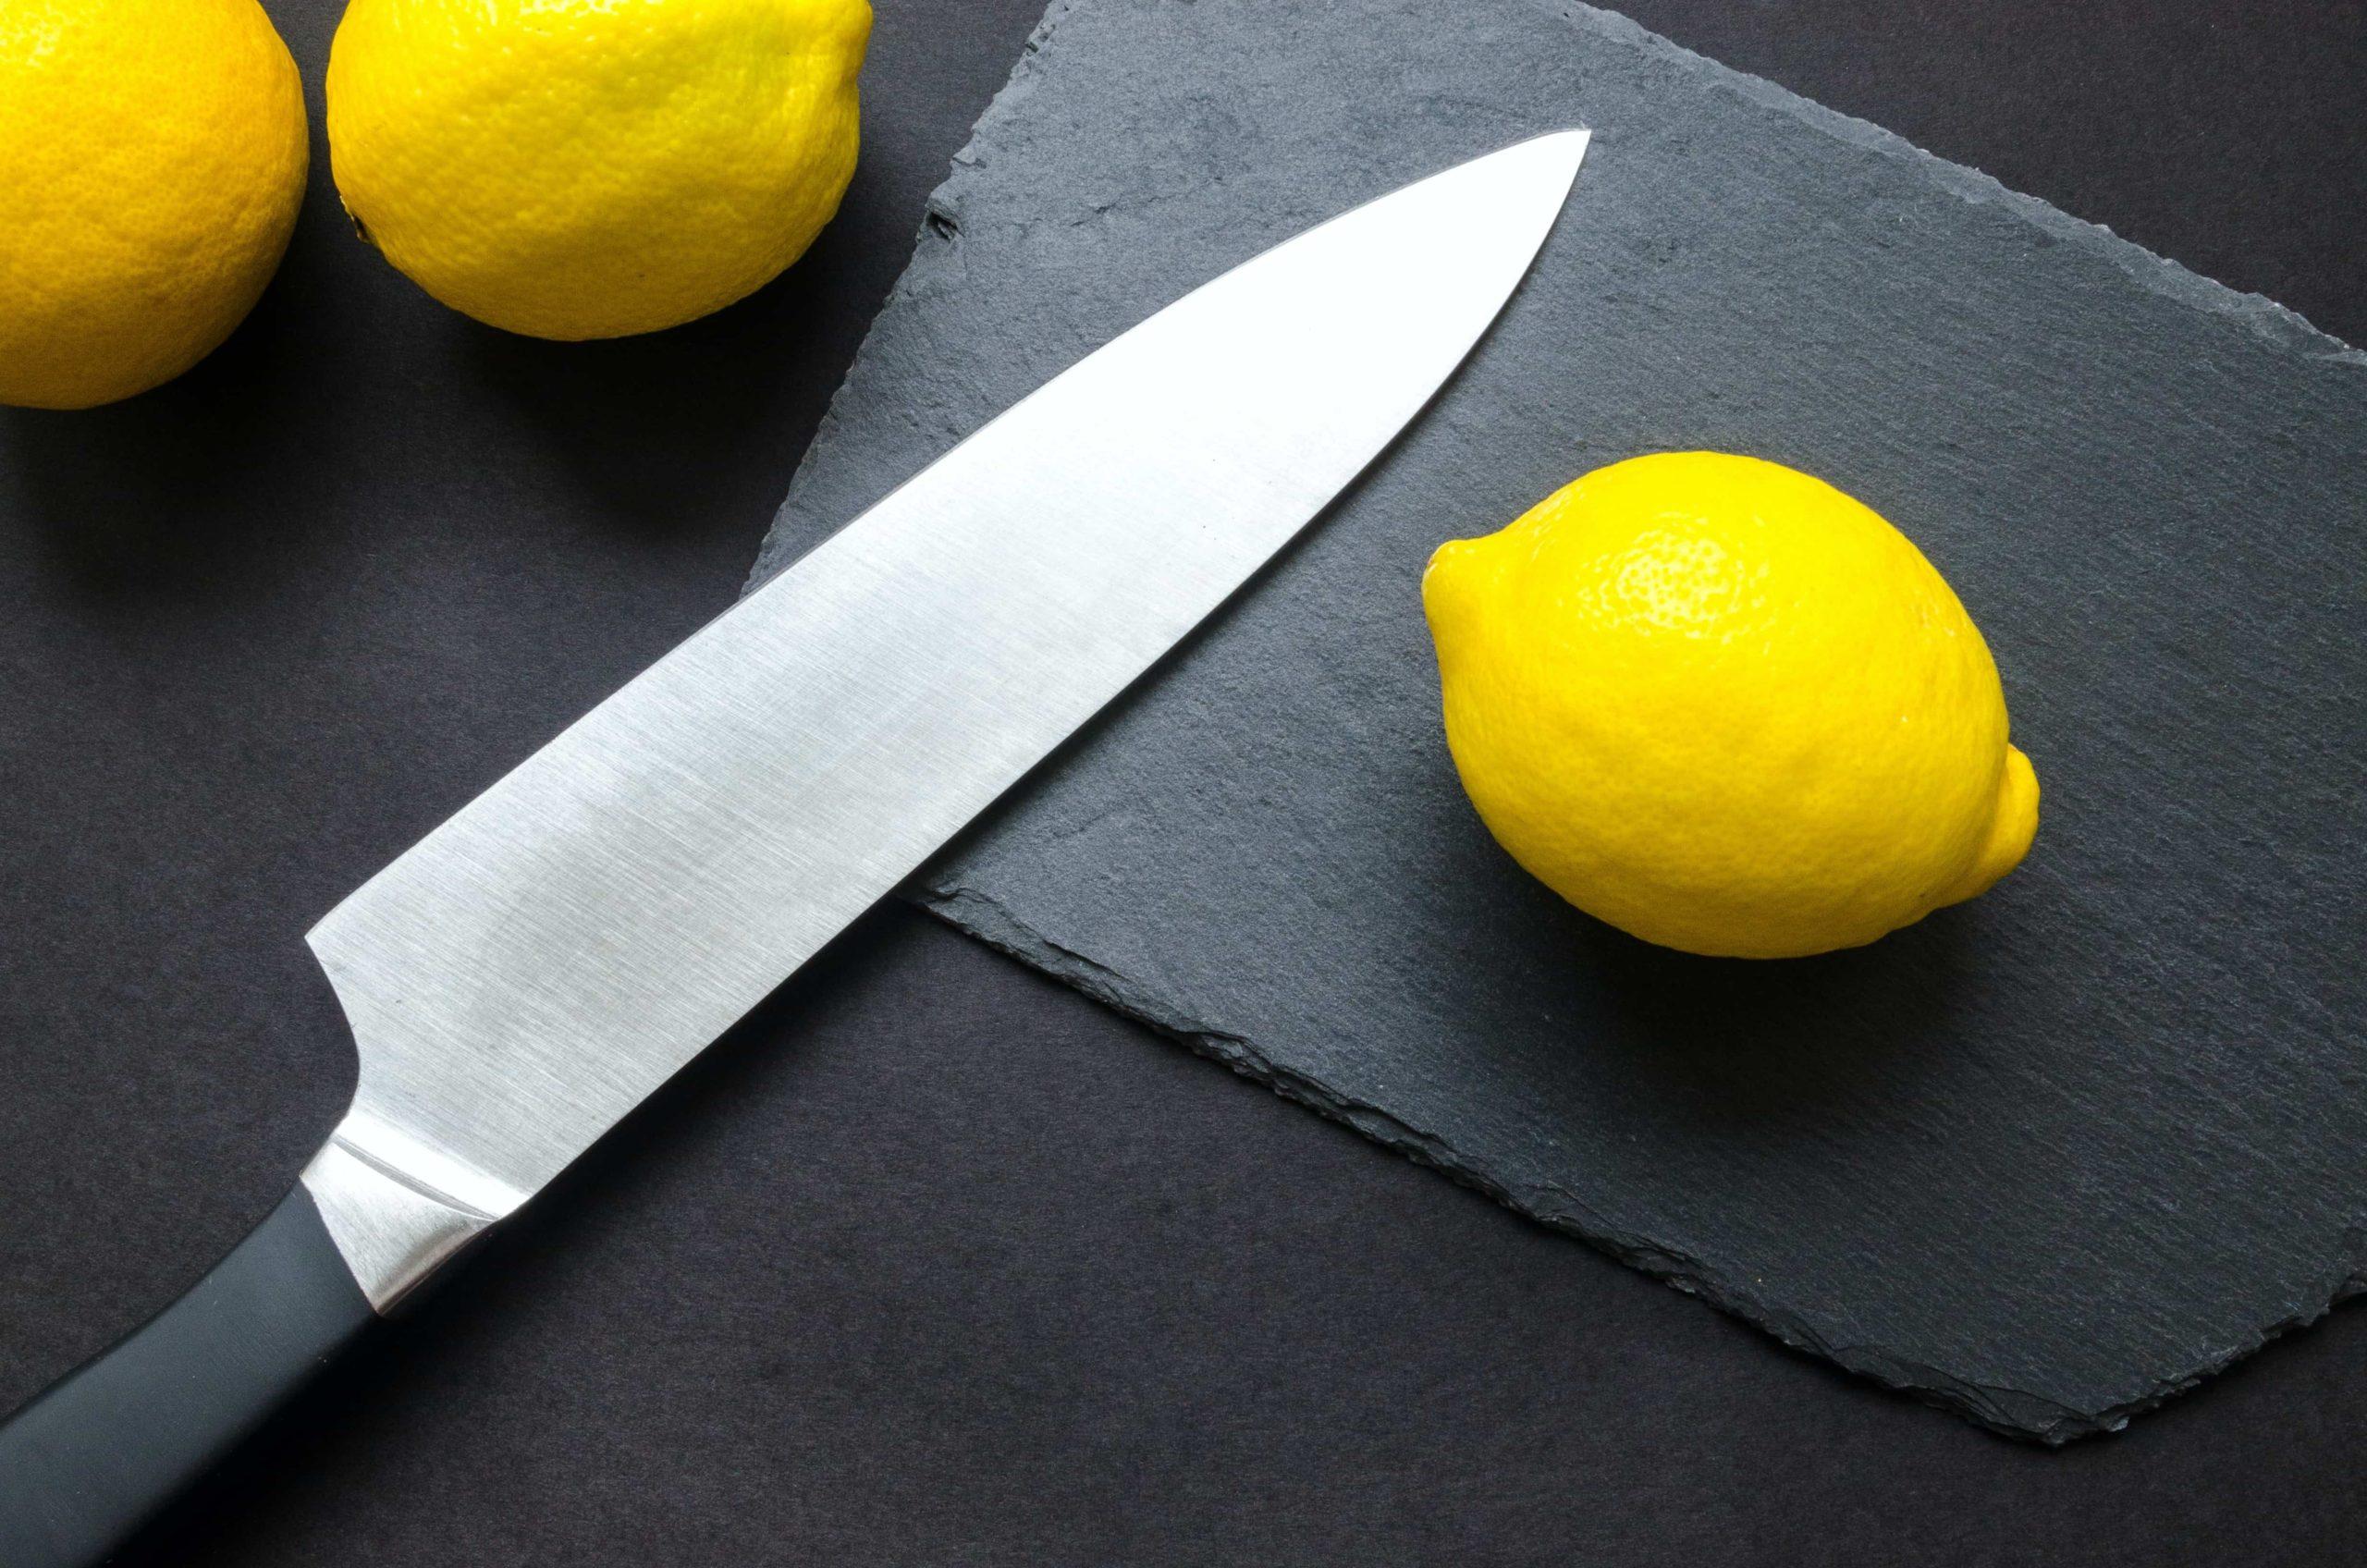 ¿Son necesarios los cuchillos japoneses si se quiere cocinar una receta japonesa? por Cuchillos.pro